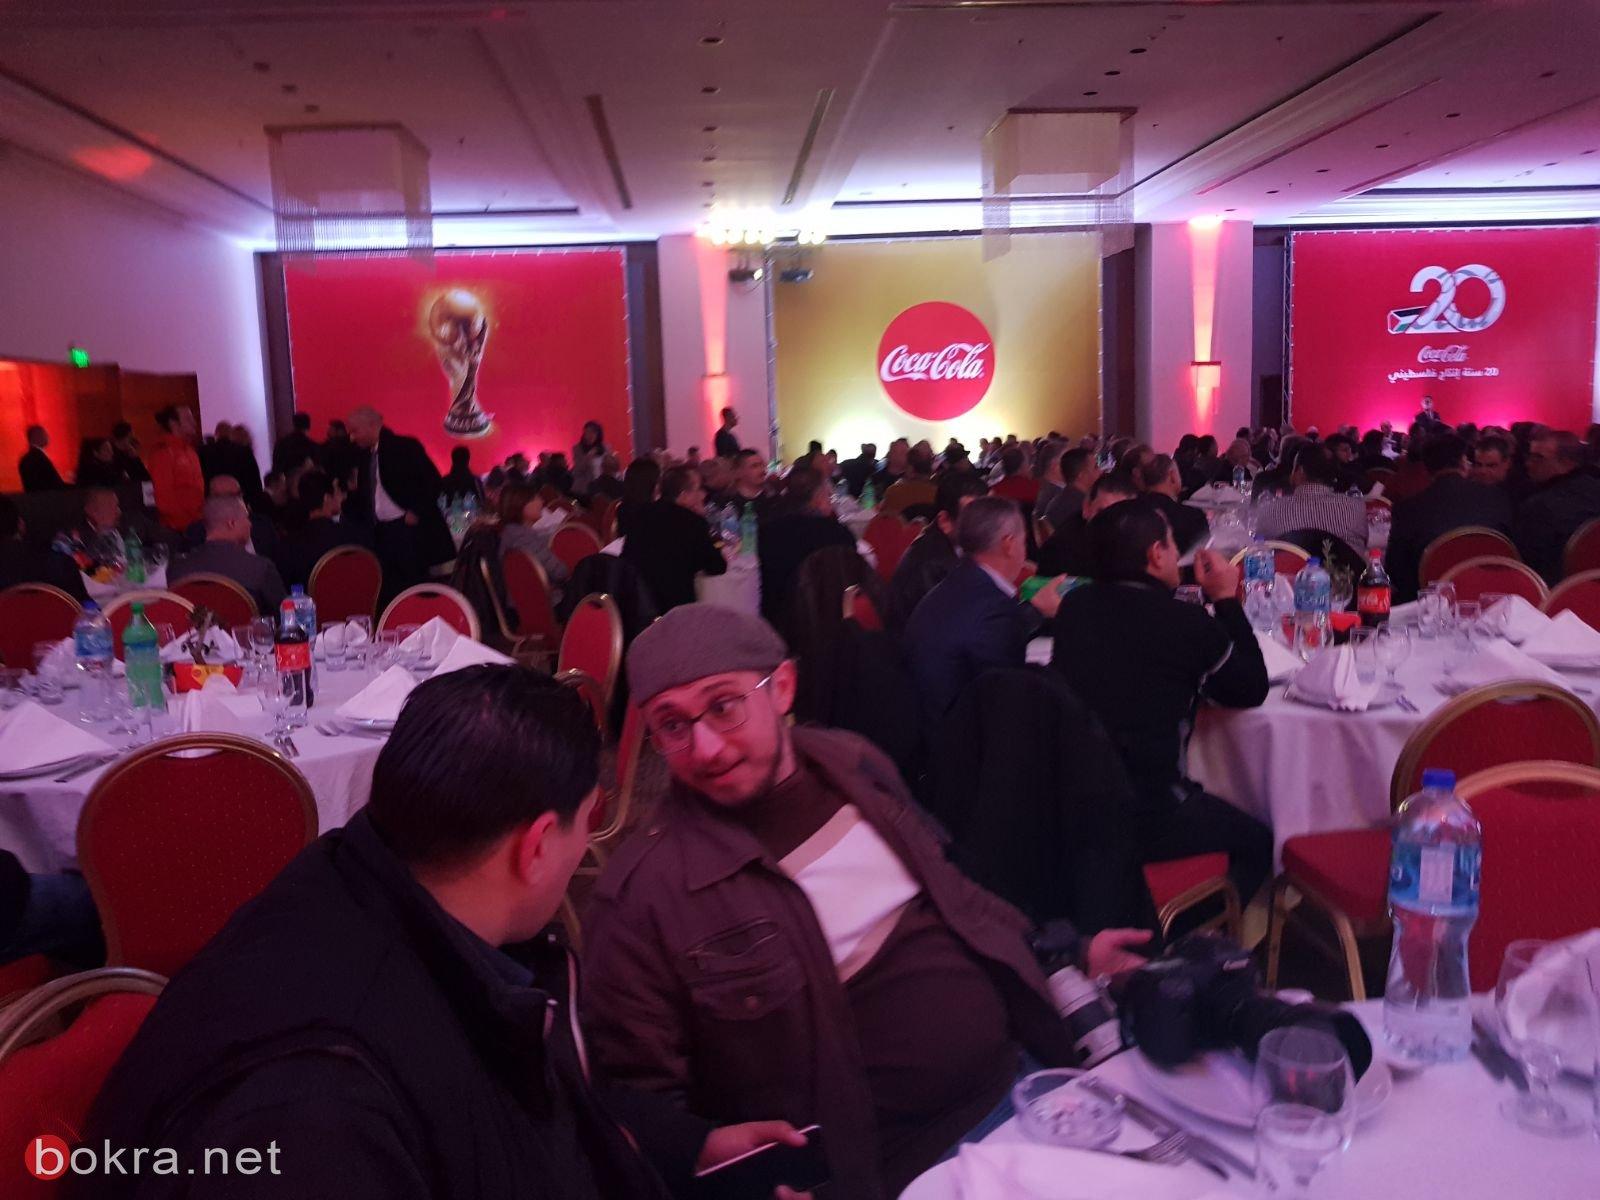 المشروبات الوطنية تحتفل بالذكرى العشرين لتأسيسها خلال حفل عشاء في رام الله